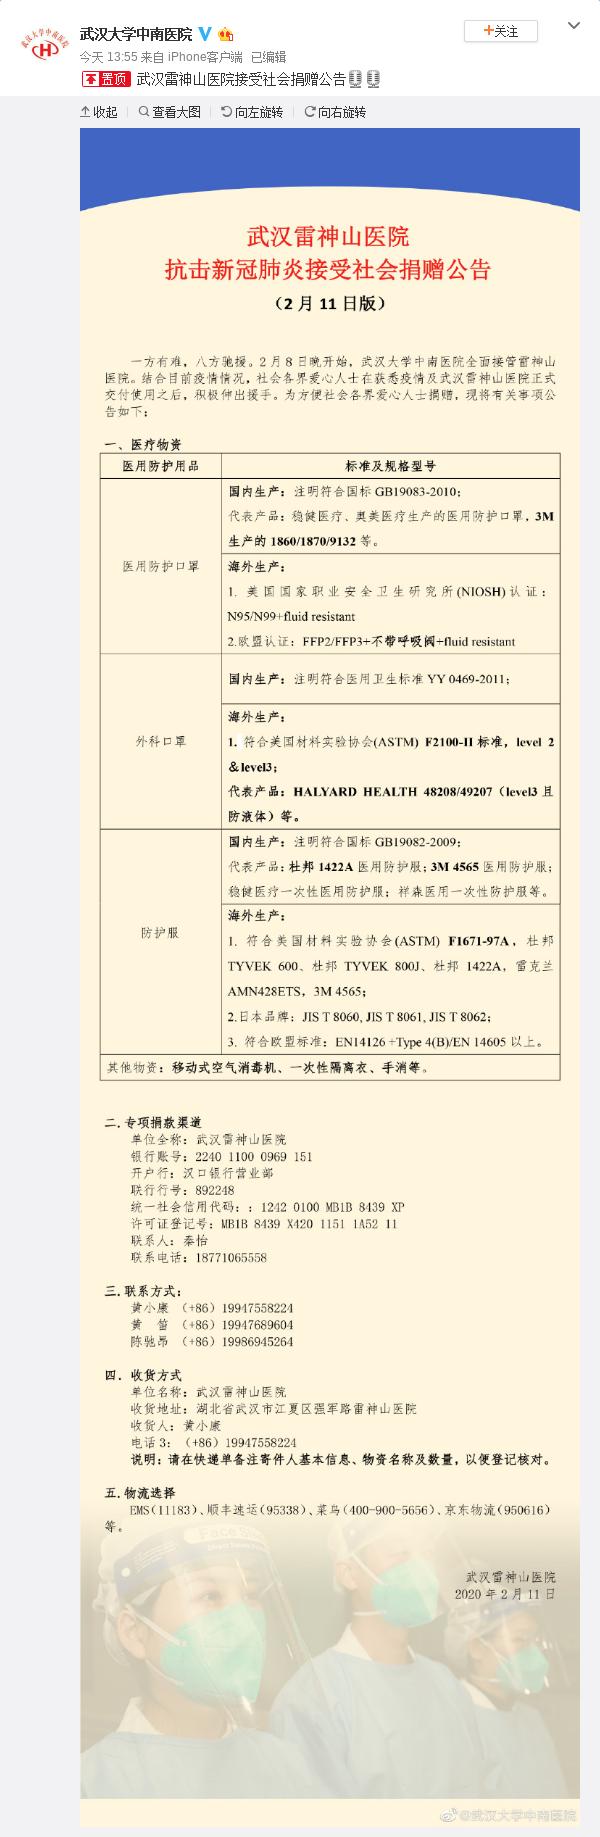 武汉雷神山医院发布接受社会捐赠公告图片